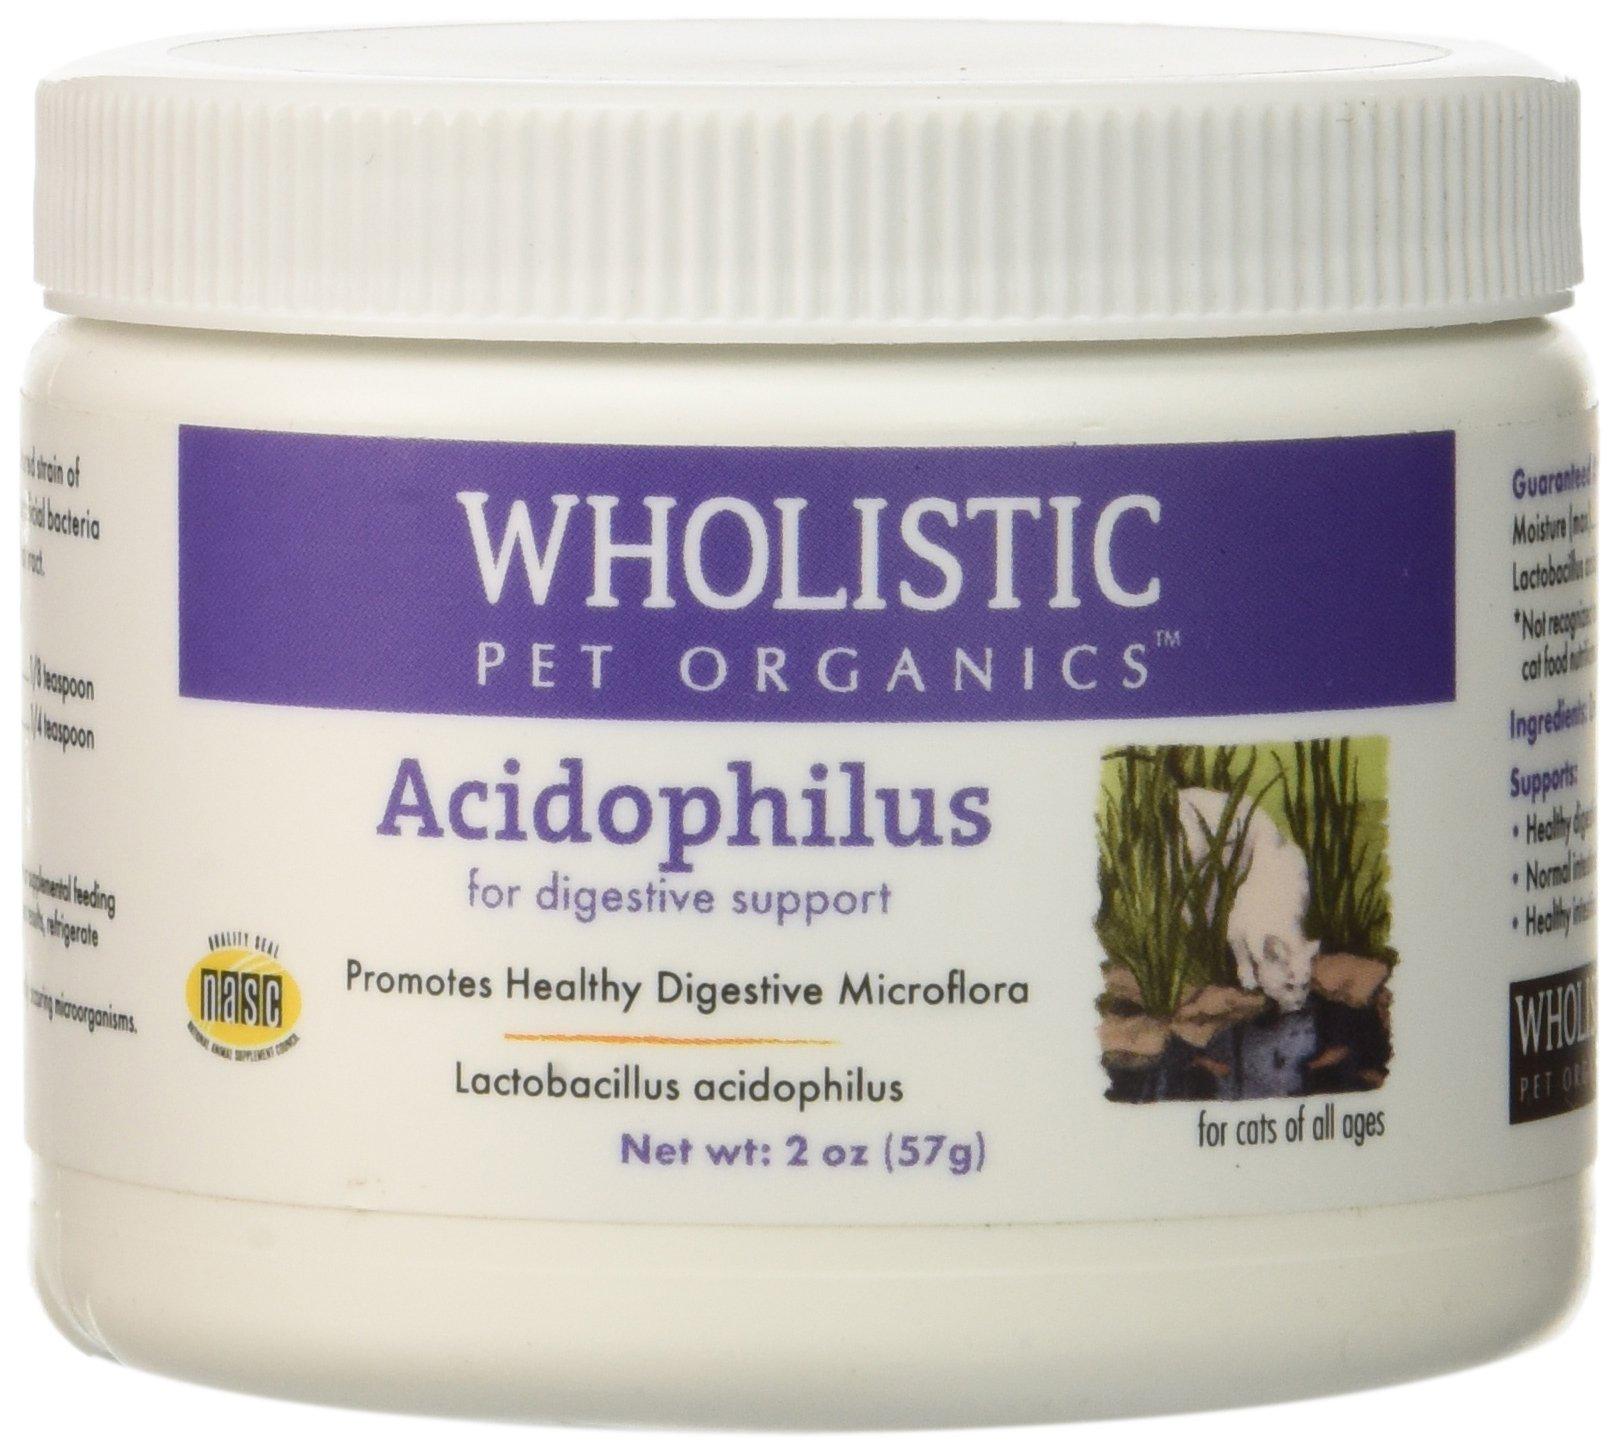 Wholistic Pet Organics Feline Acidophilus Supplement, 2 oz by Wholistic Pet Organics